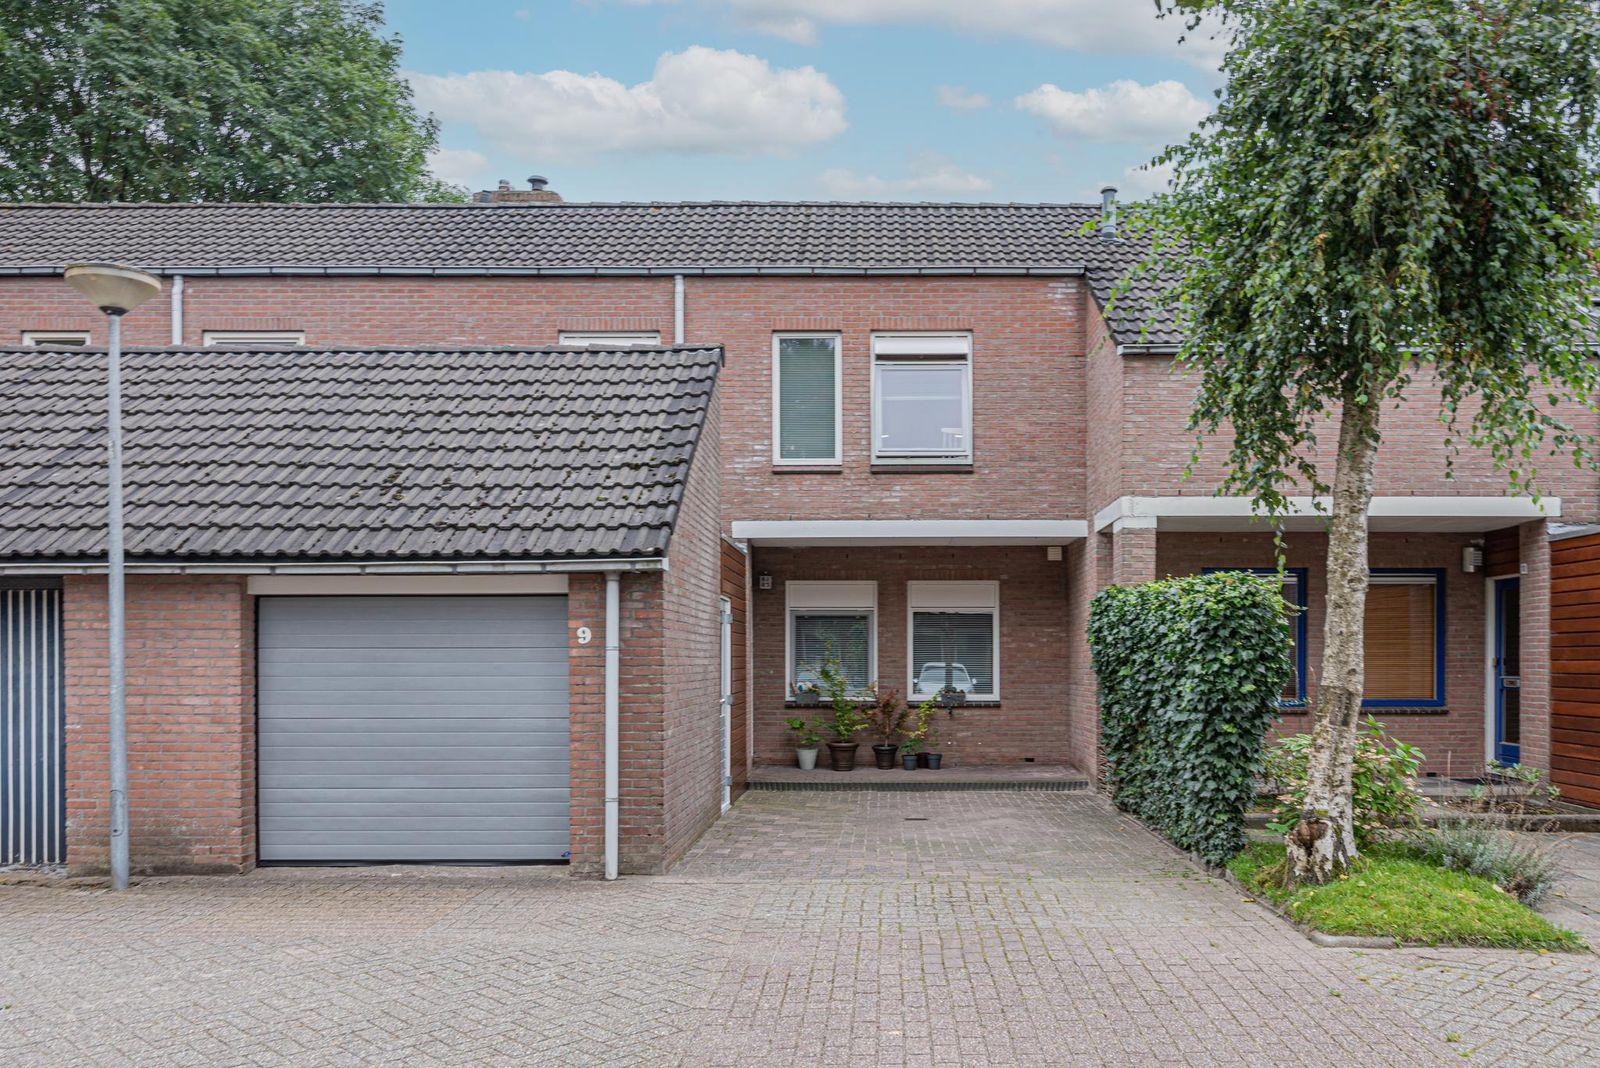 Holmsterheerd 9, Groningen